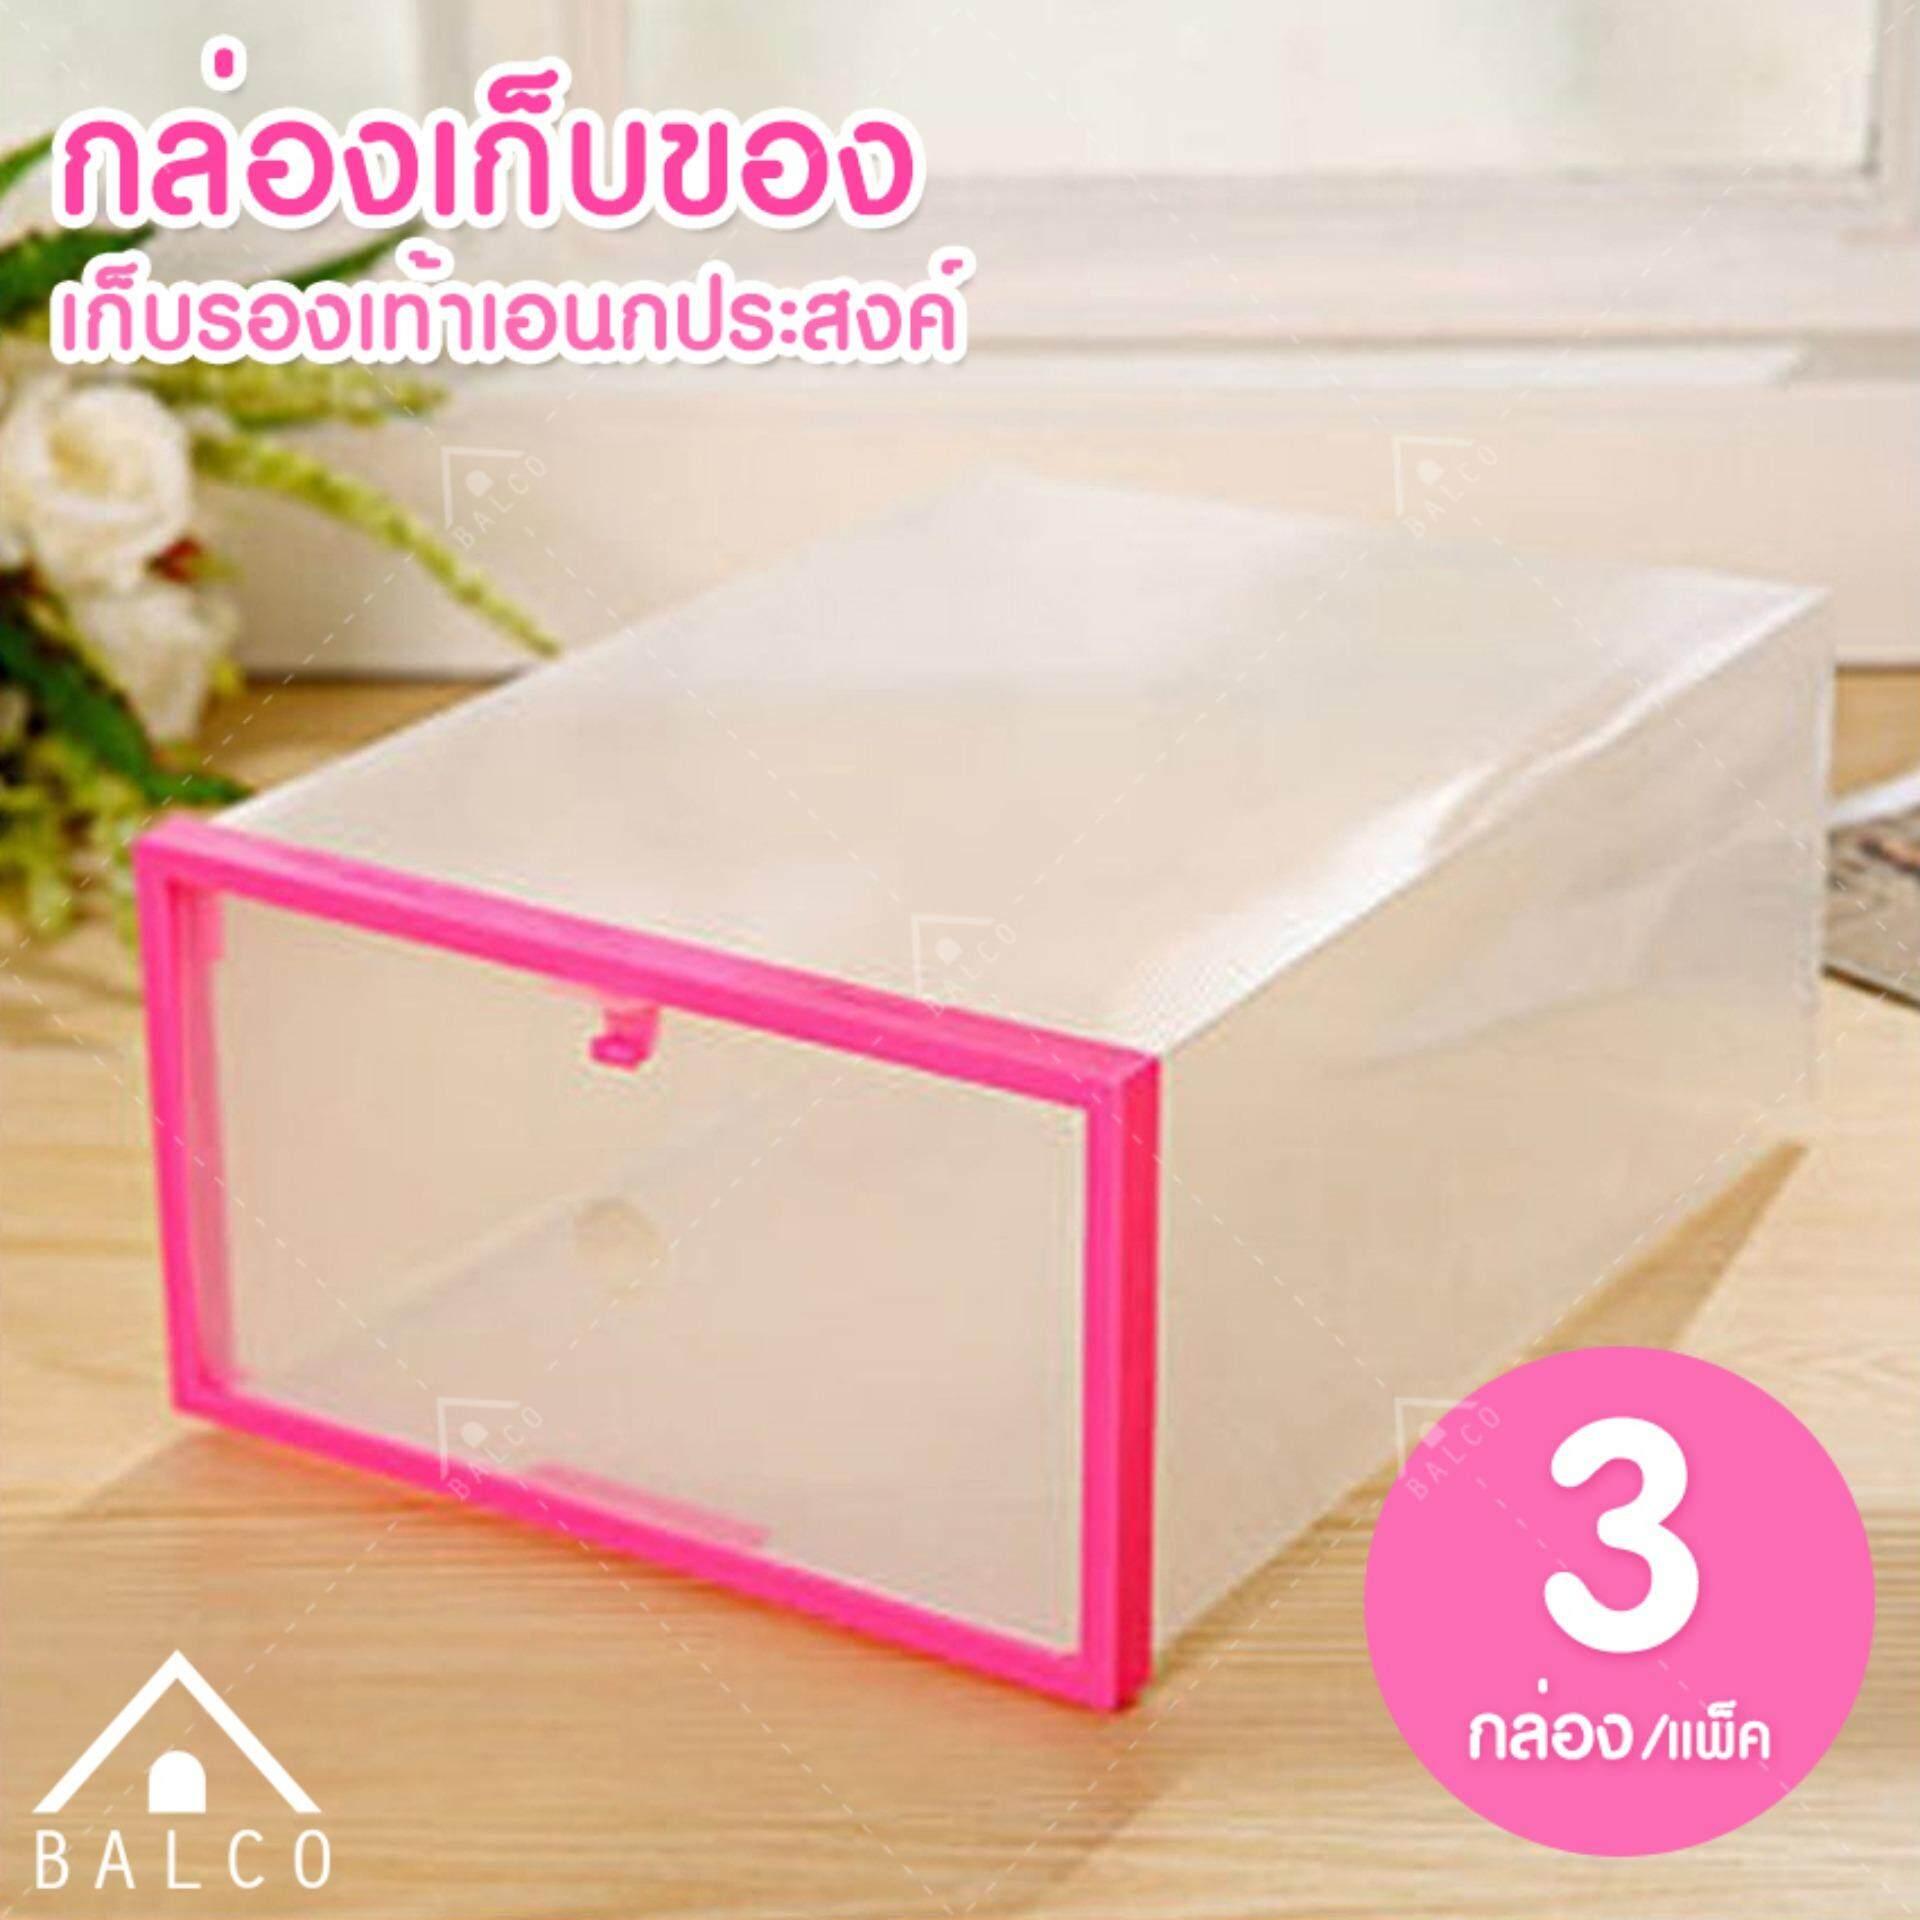 ซื้อ Balco ชุด กล่องรองเท้า กล่องเก็บรองเท้า กล่องเอนกประสงค์ พลาสติค น้ำหนักเบา ประกอบ เปิดปิดง่าย ช่วยจัดระเบียบให้คุณ รุ่น Kdh 0062 ขอบชมพู 1 ชุดมี 3 กล่อง ถูก กรุงเทพมหานคร